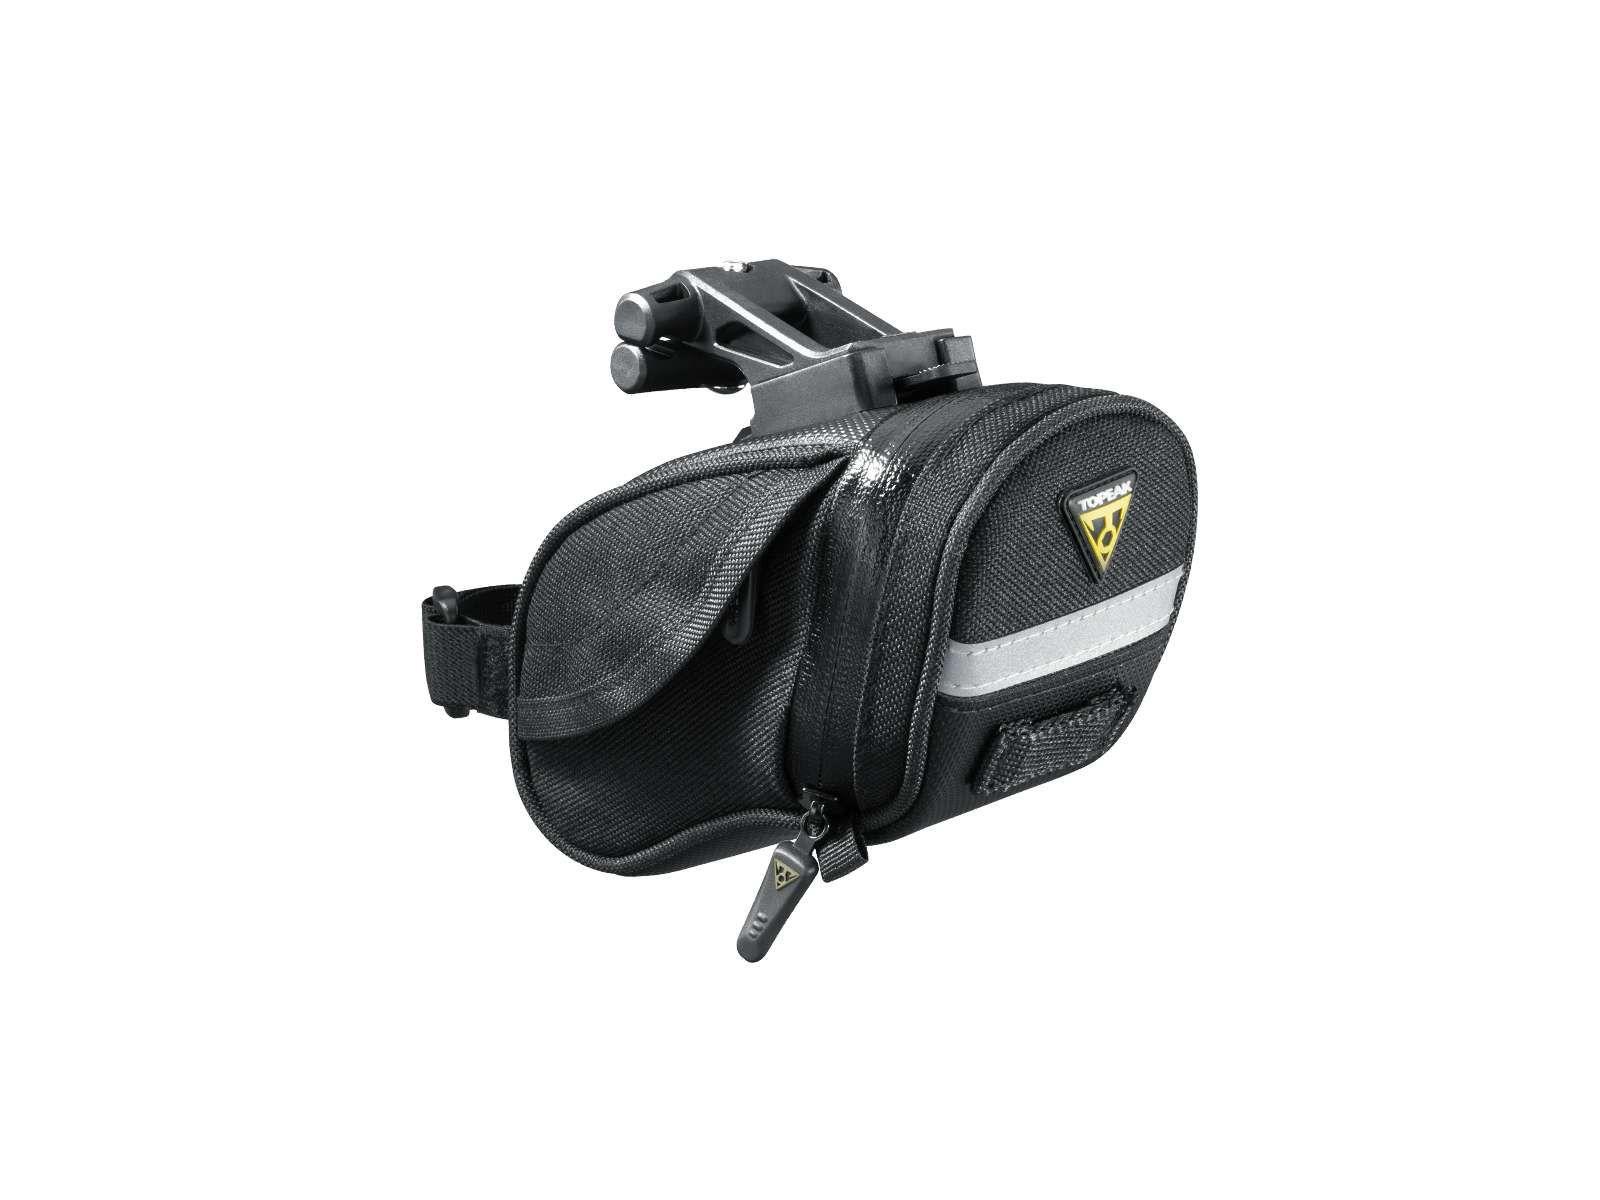 Bolsa de Selim - Topeak - Aero Wedge Pack DX Com Quick Click - TC2268B